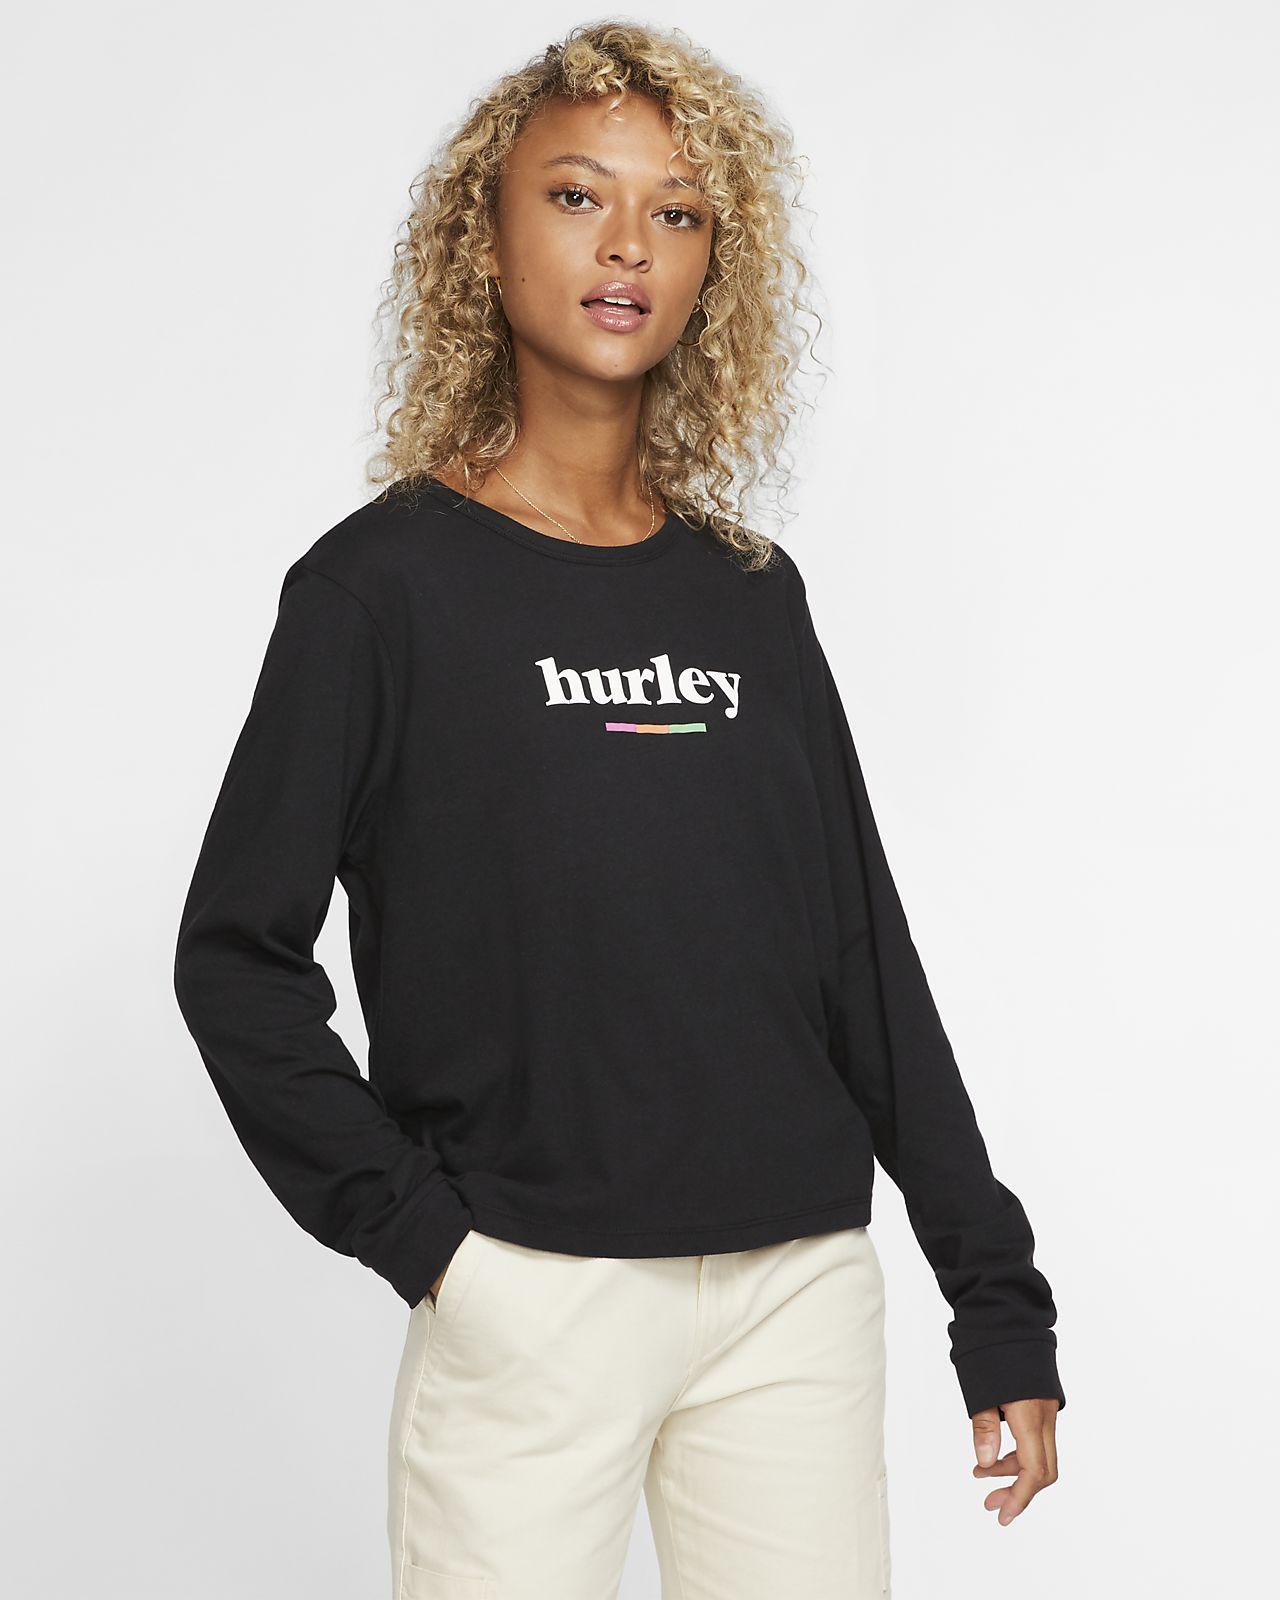 Hurley Pompel Perfect langermet T-skjorte til dame